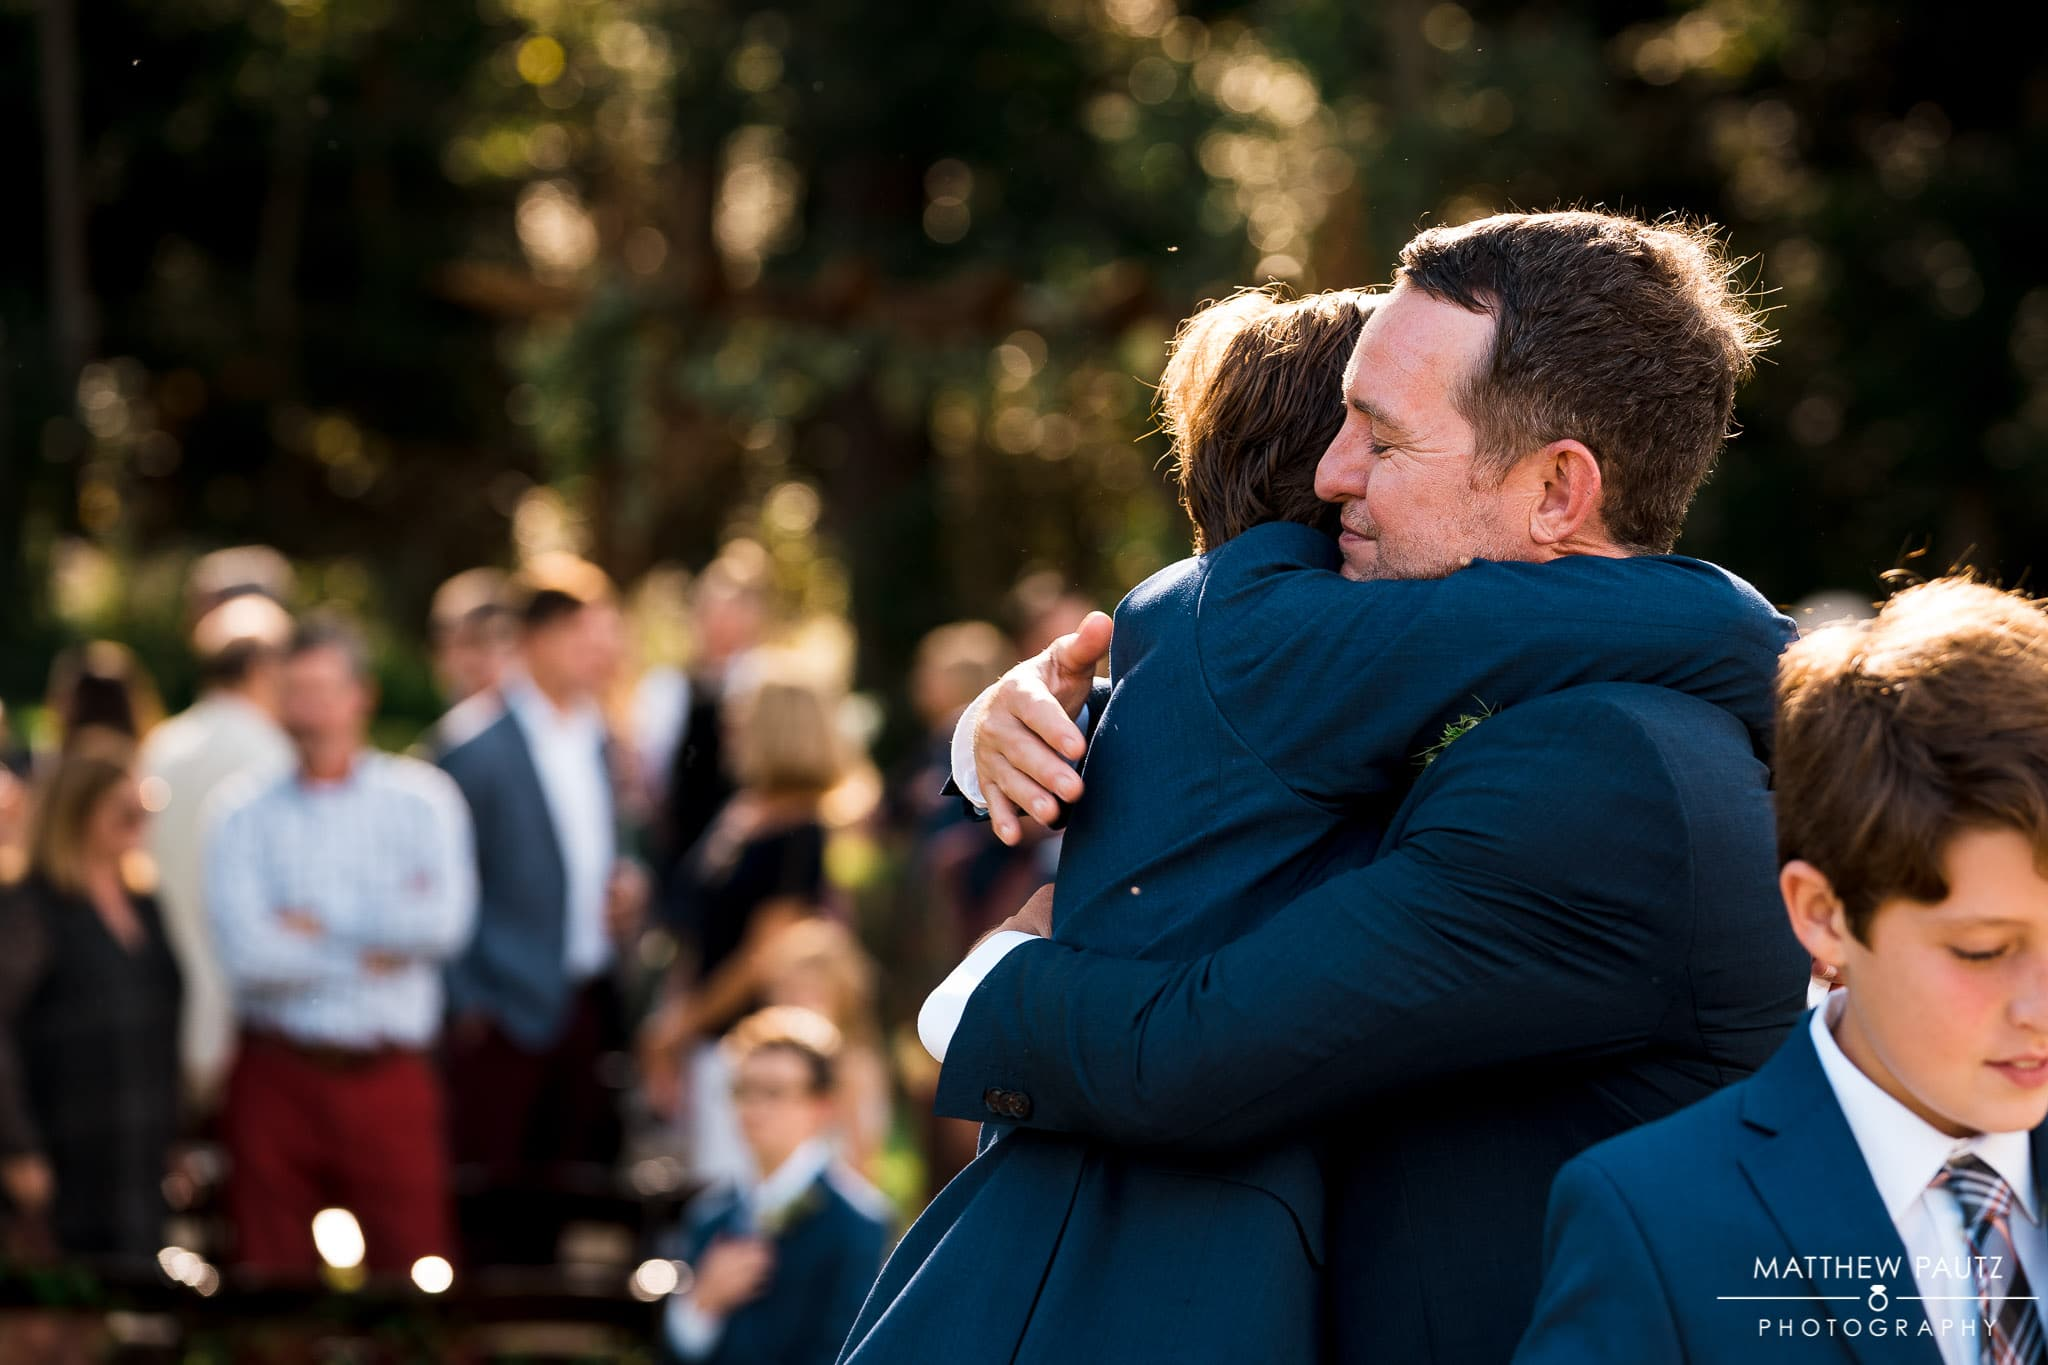 groom hugging son after wedding ceremony